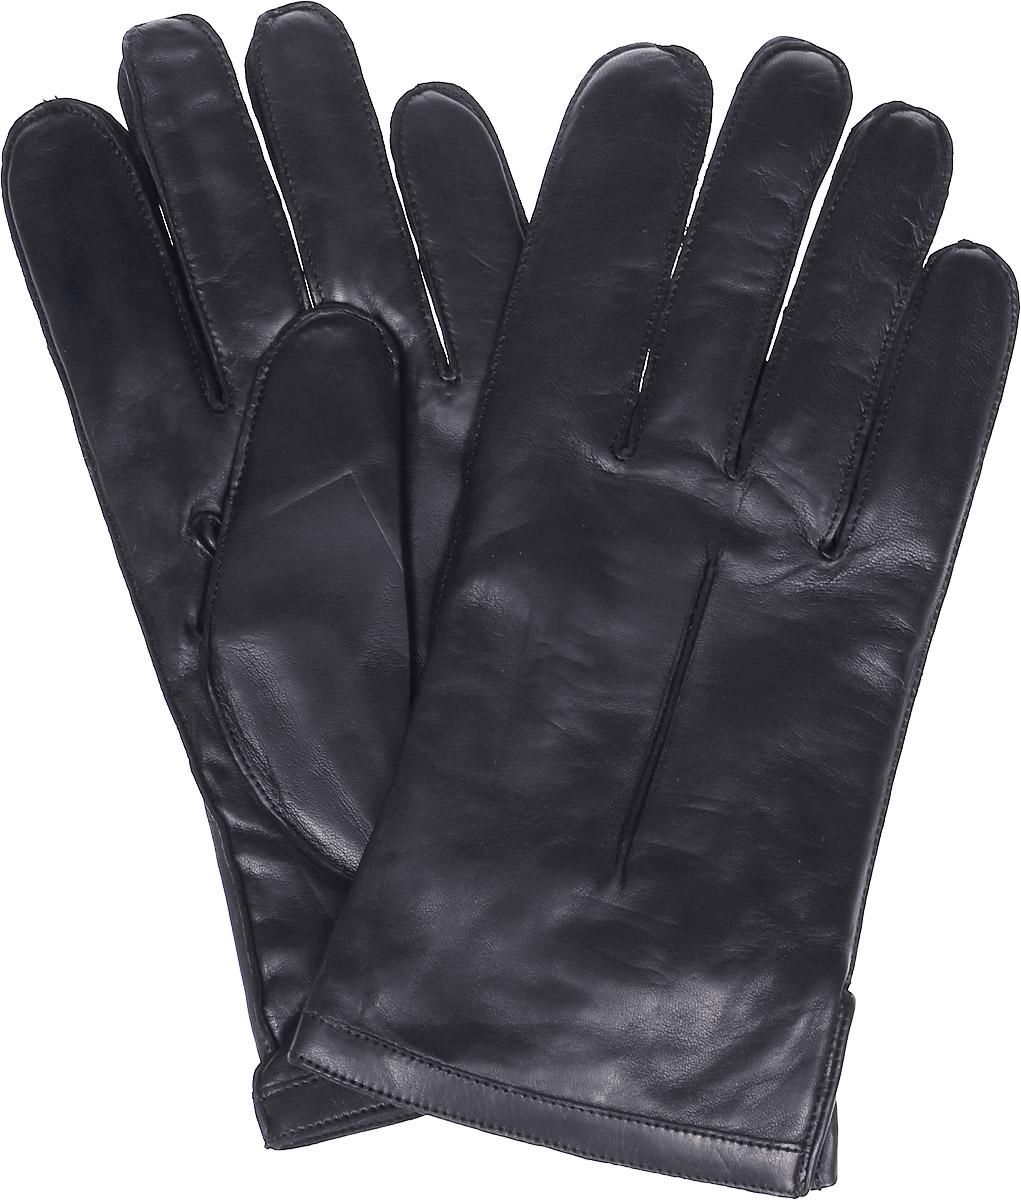 ПерчаткиK12-NANCY/BLМужские перчатки Michel Katana не только защитят ваши руки, но и станут великолепным украшением. Перчатки выполнены из натуральной кожи, а подкладка - из высококачественной шерсти. Модель оформлена декоративными прострочками.